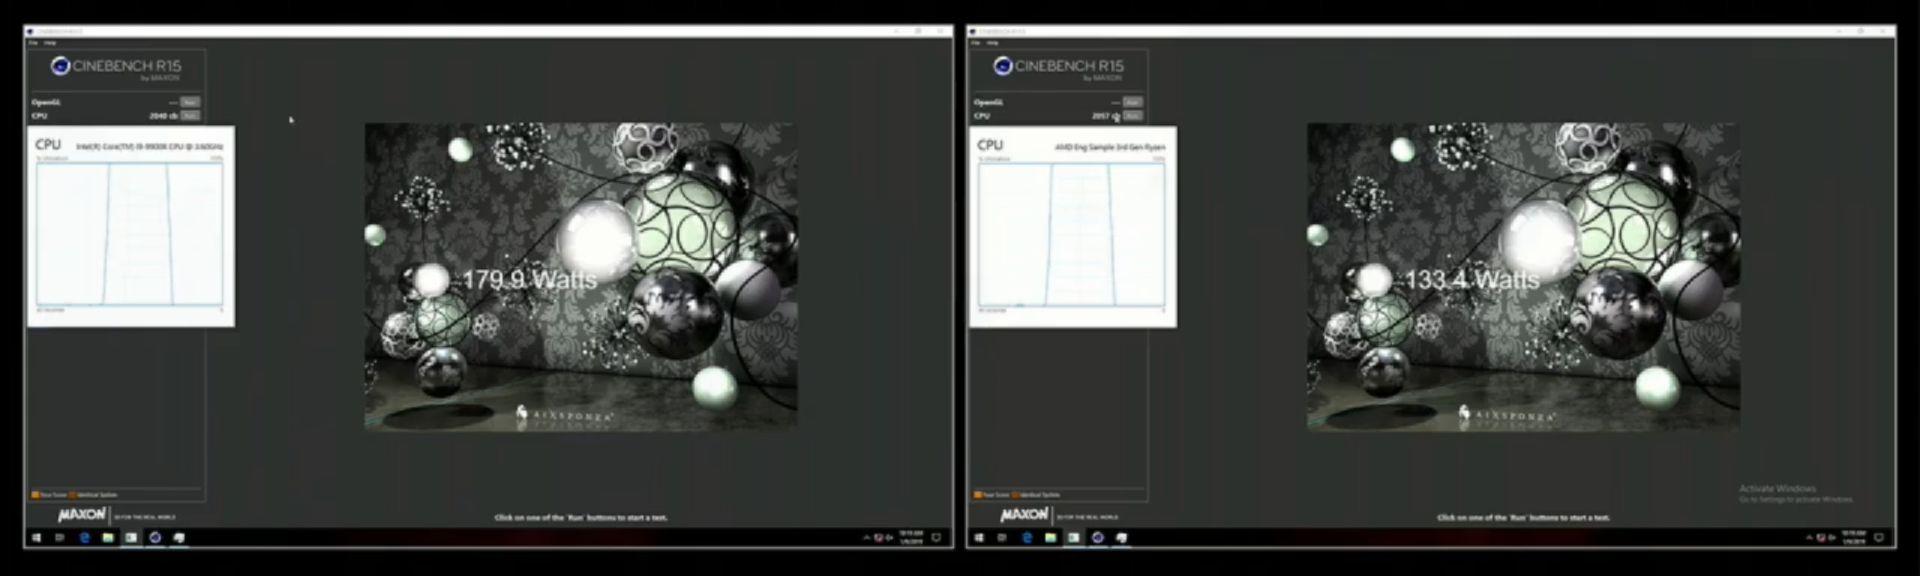 AMD Ryzen 3000 vs Intel Core i9-9900K